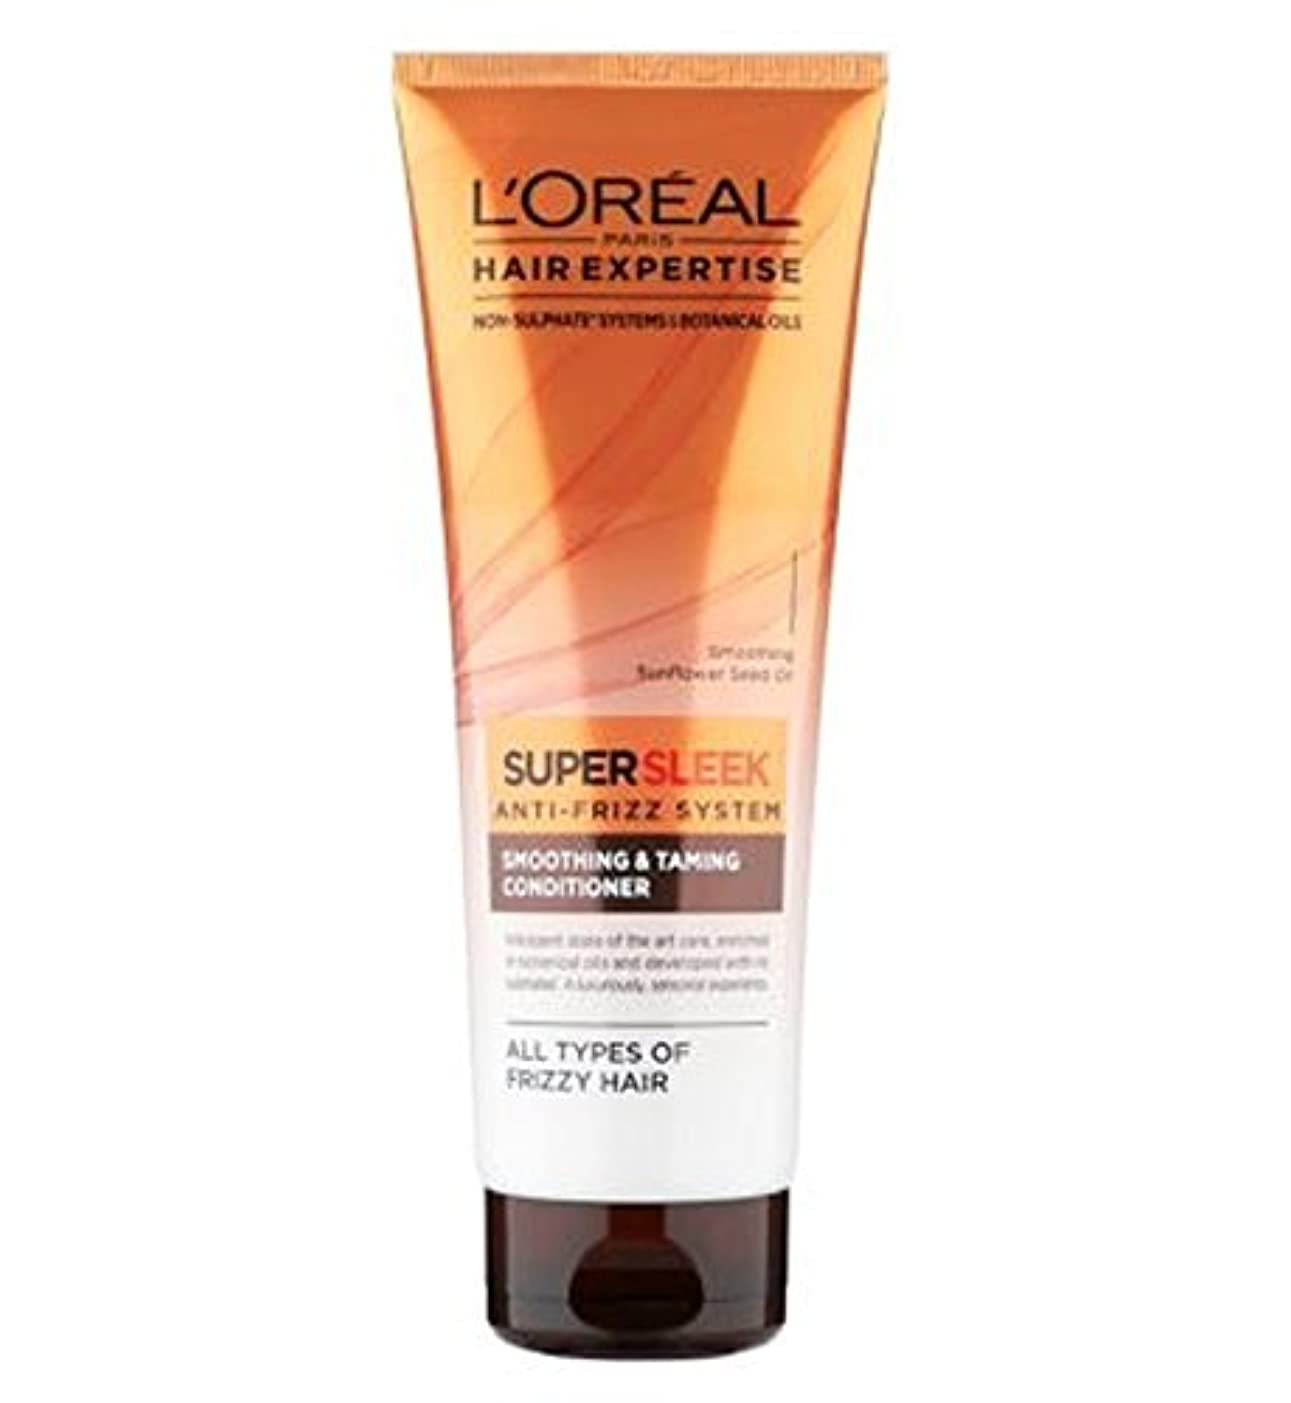 めったに自治不名誉L'Oreall Hair Expertise SuperSleek Conditioner 250ml - L'Oreall髪の専門知識Supersleekコンディショナー250ミリリットル (L'Oreal) [並行輸入品]